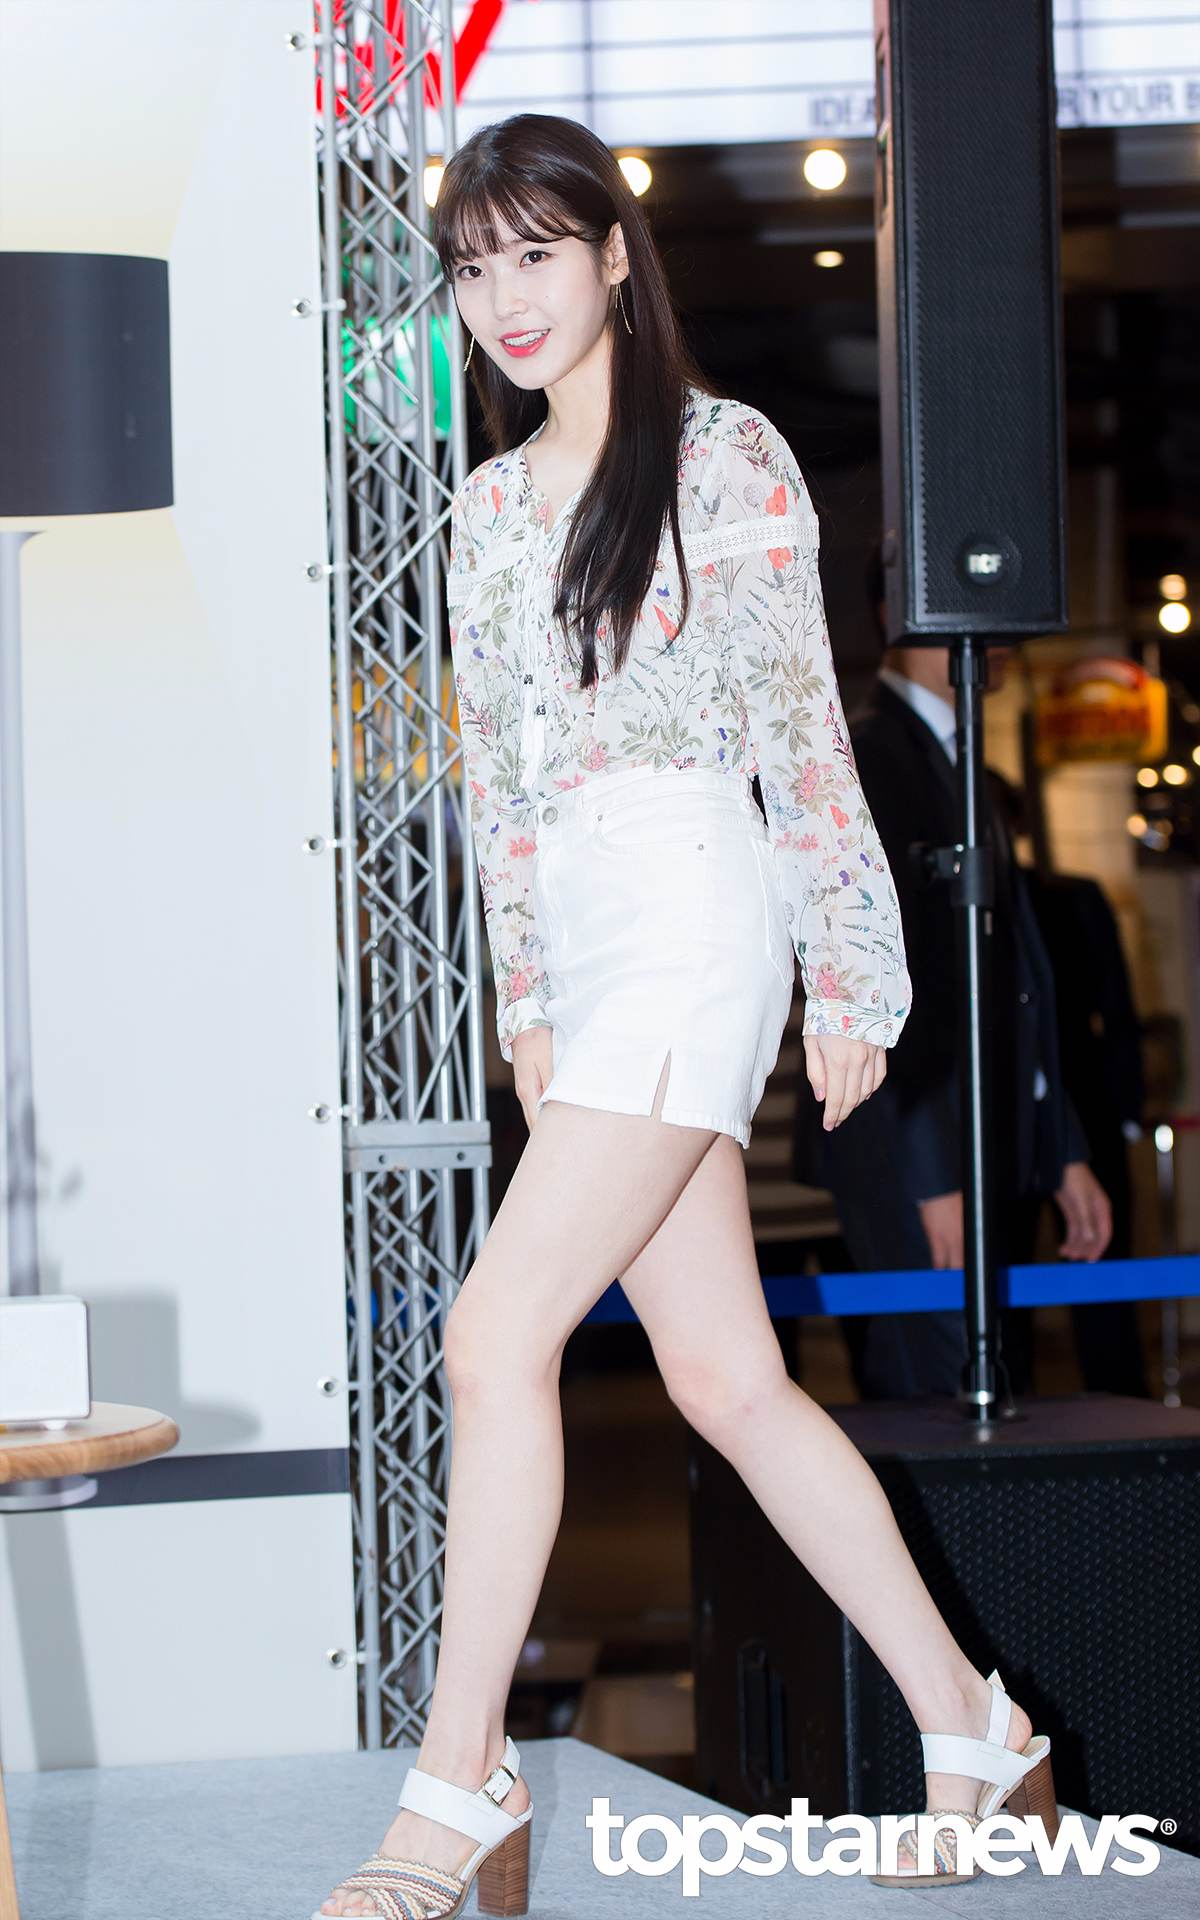 IU這次為音響品牌站台,小碎花的上衣搭配純白超短裙,襯得白皙肌膚都要發光啦~